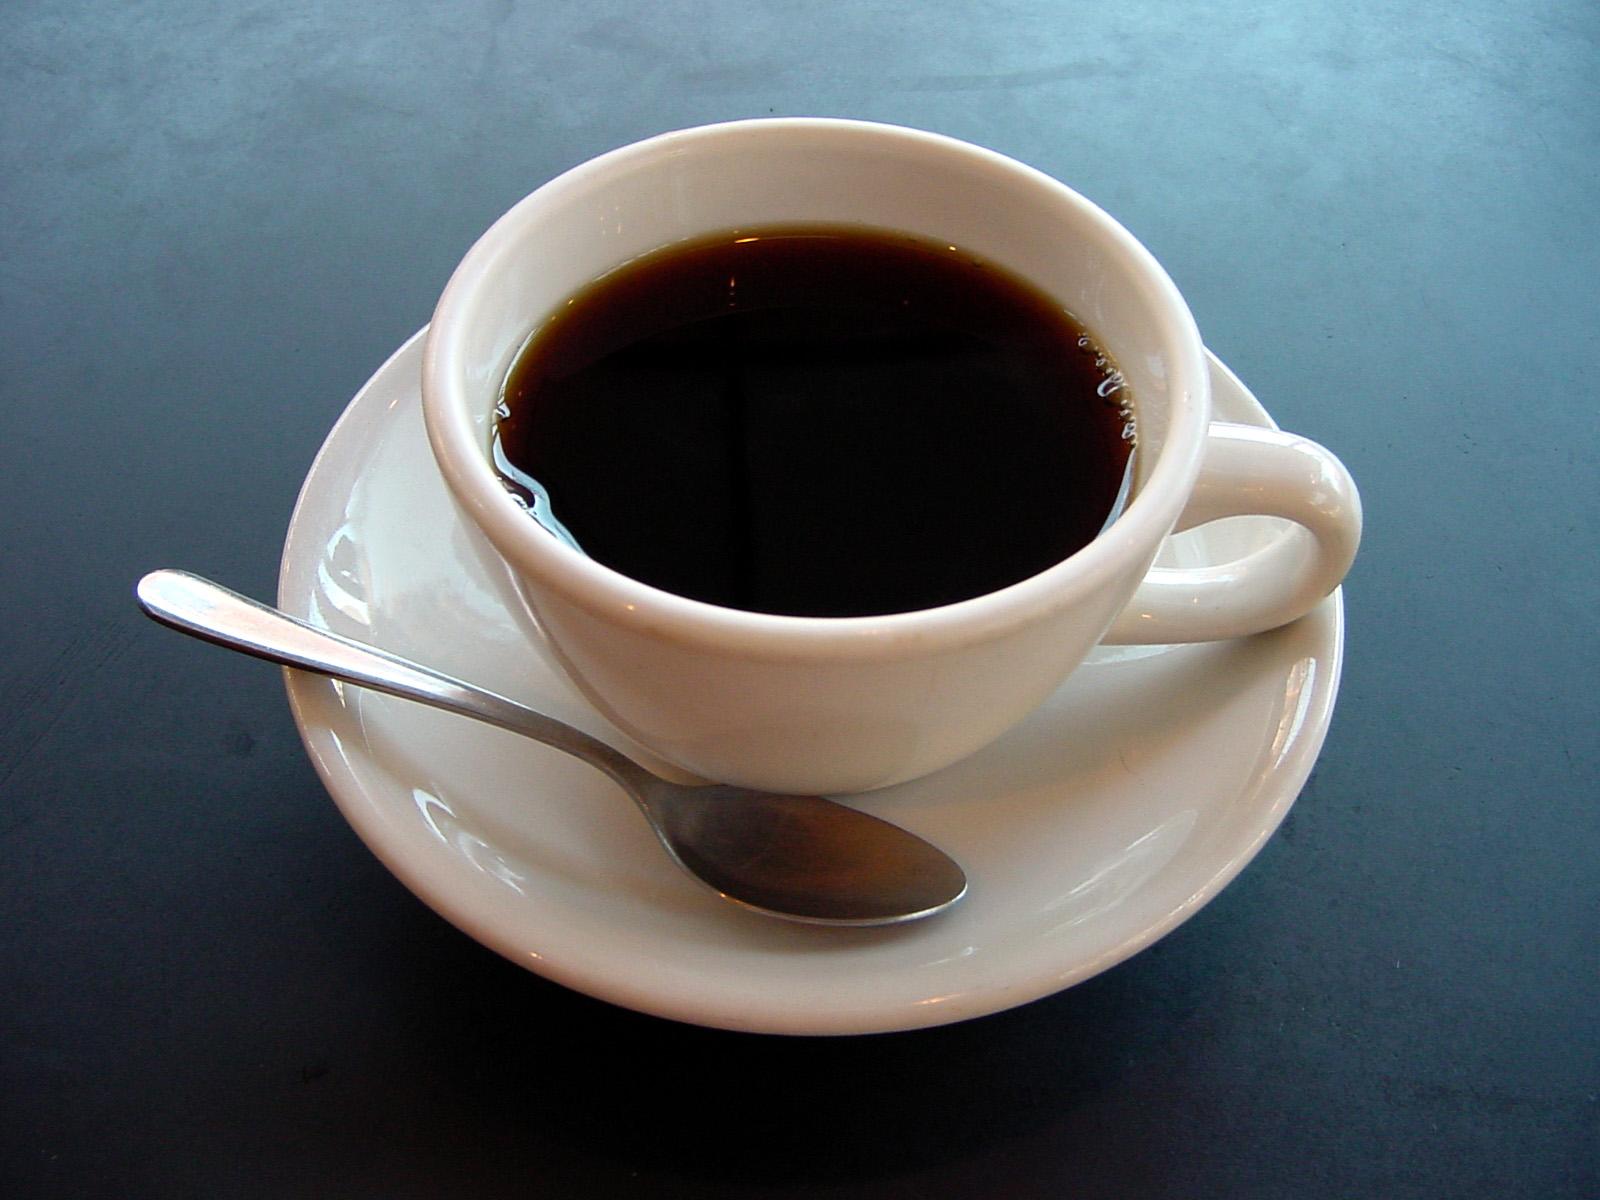 Καρδιακή Ανεπάρκεια Διατροφή: Η κατανάλωση καφέ σχετίζεται με μειωμένο κίνδυνο καρδιακής ανεπάρκειας